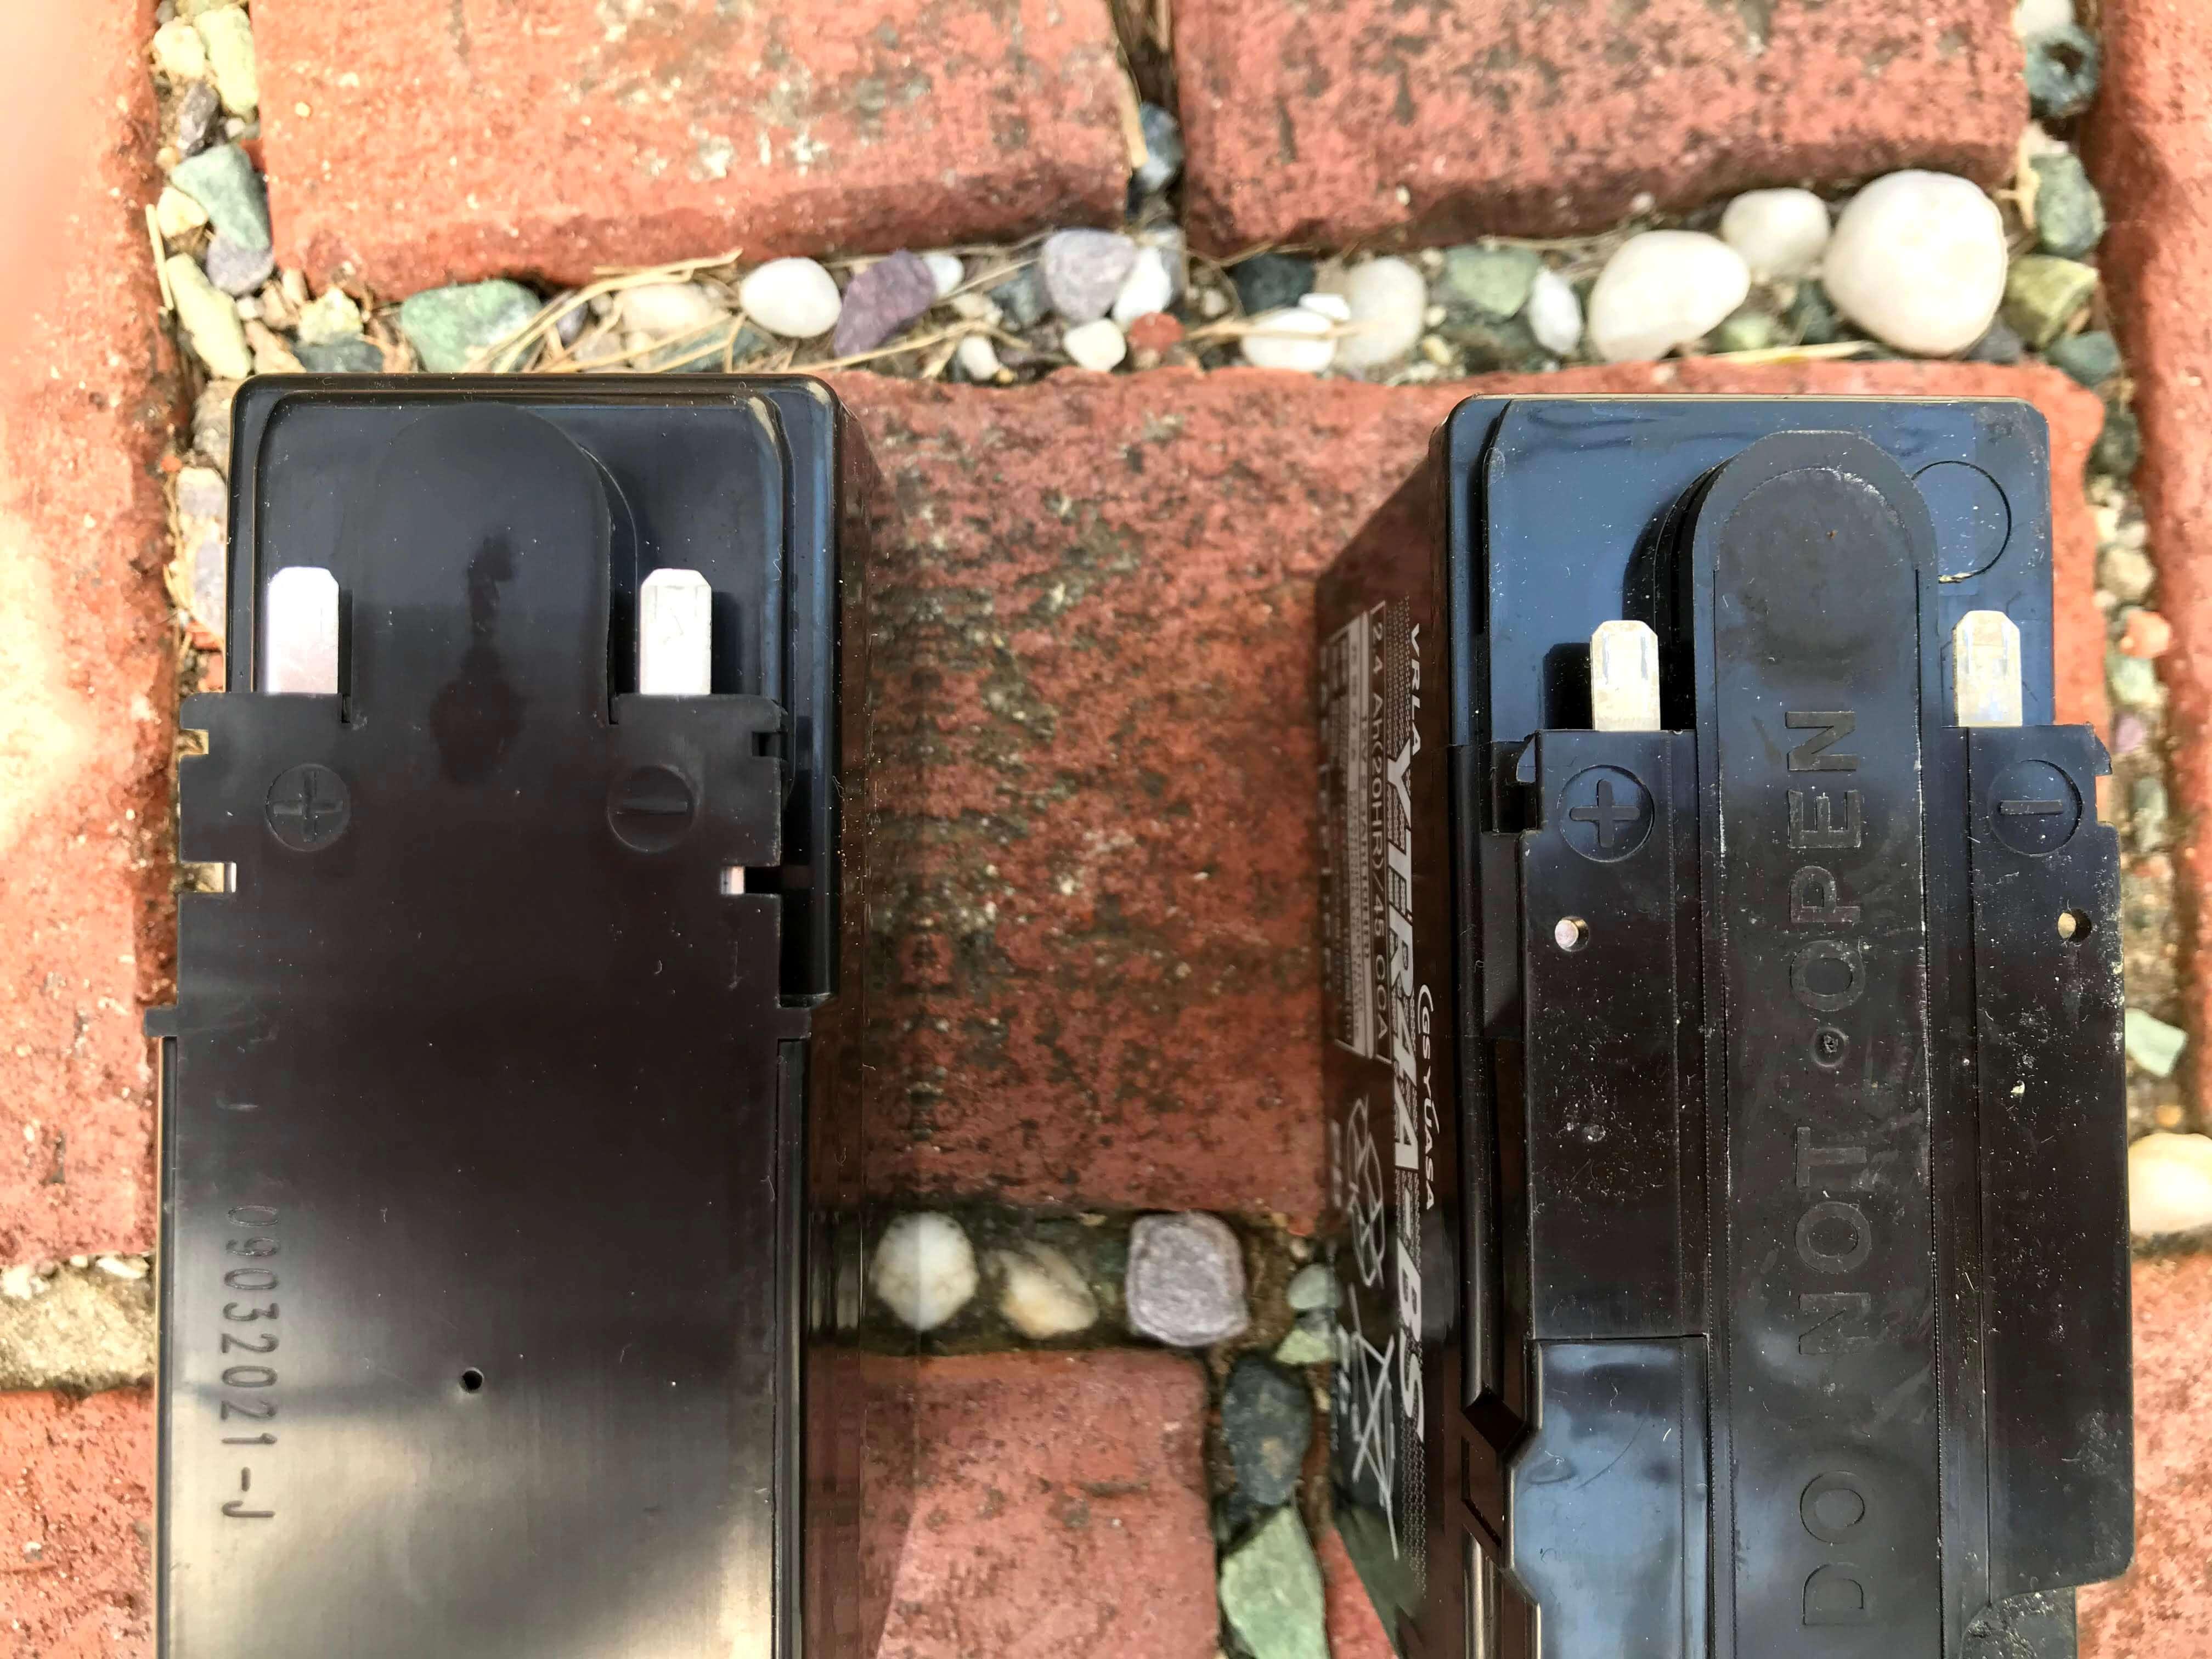 GS YUASAのバッテリーとJC STYLEのバッテリーを並べた写真